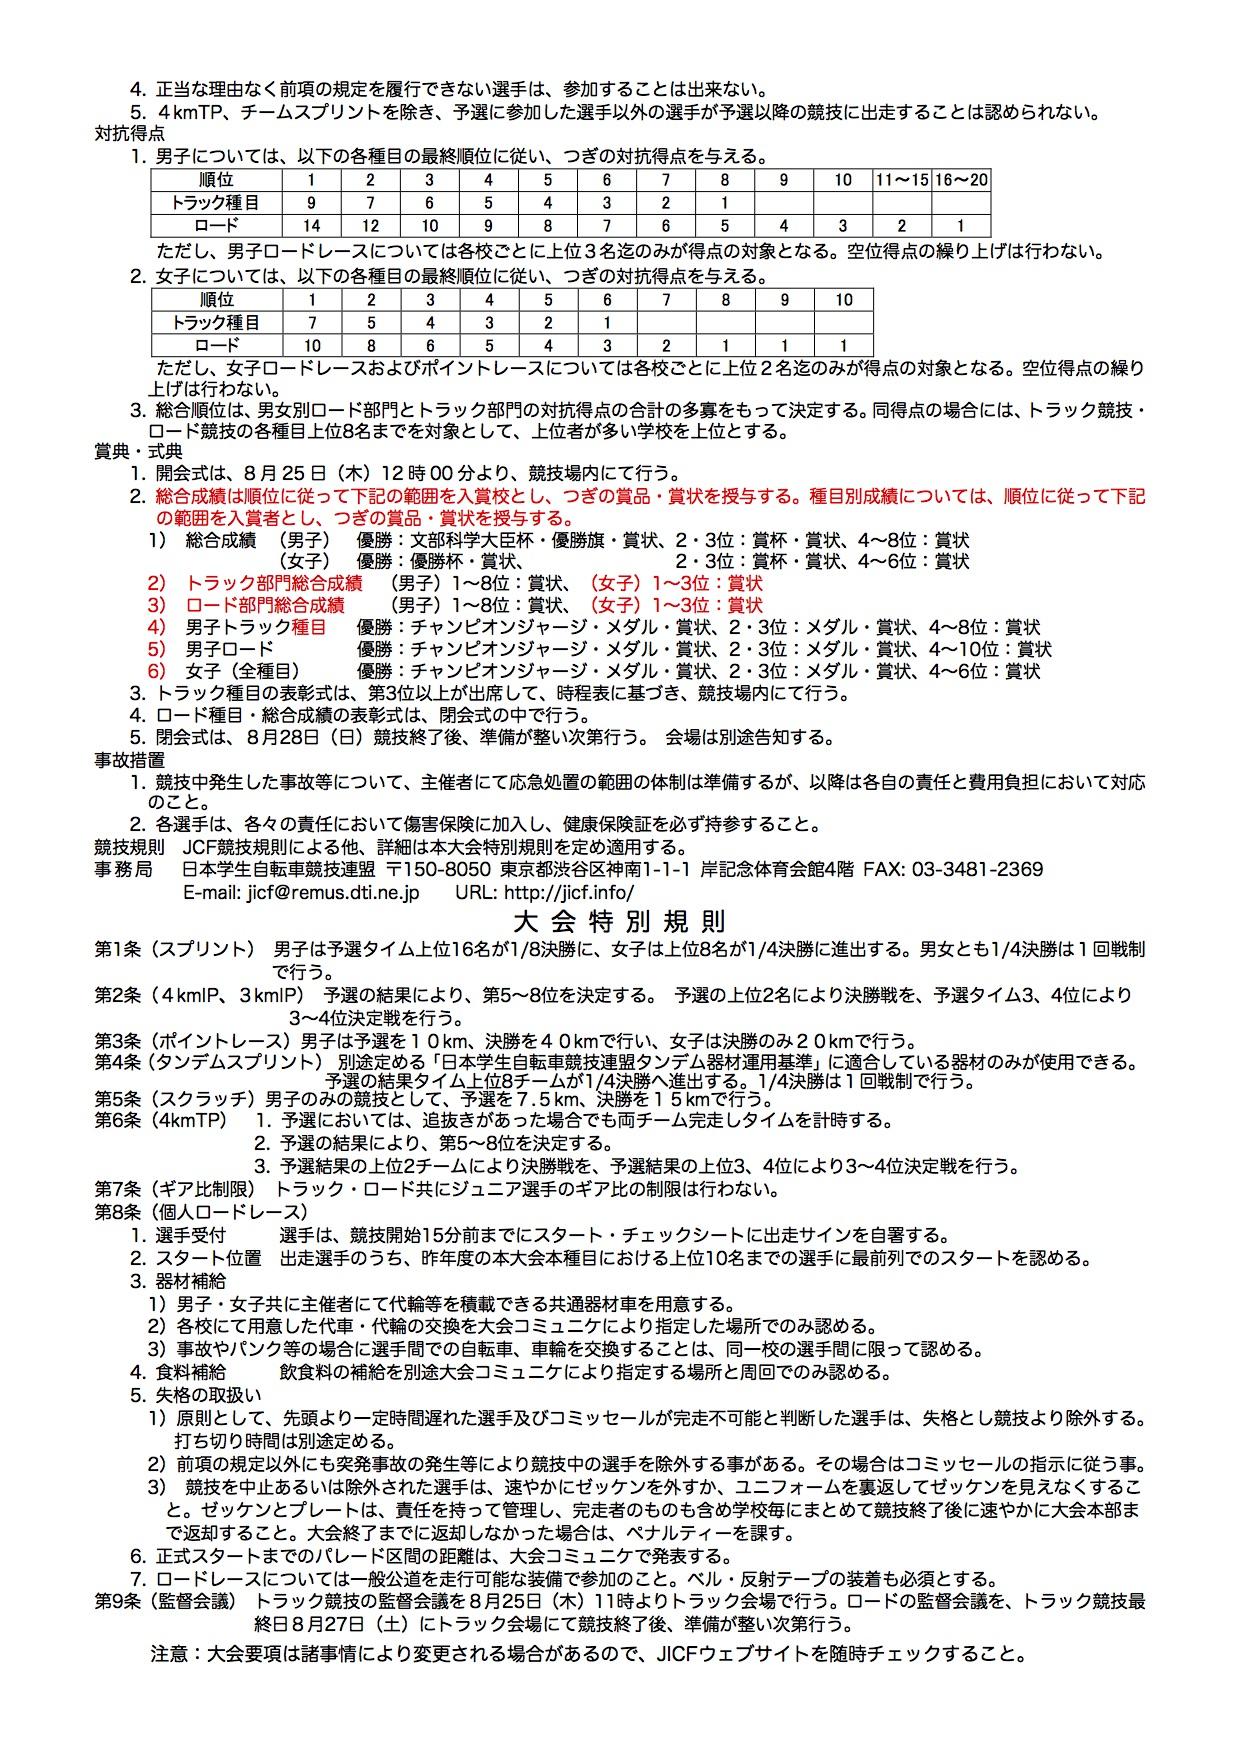 16ic_yoko_160713_02